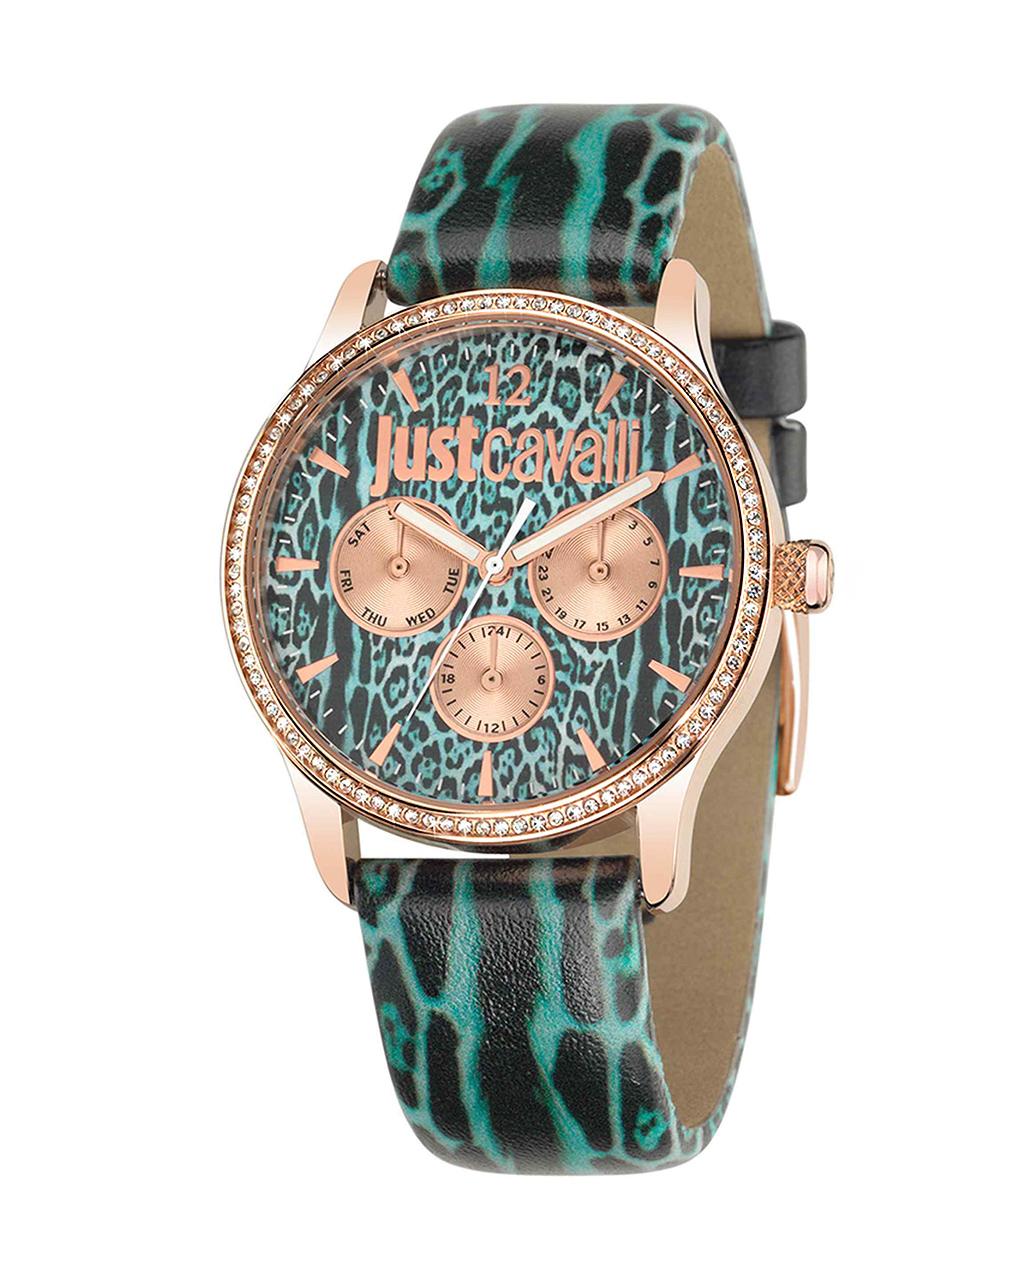 Ρολόι JUST CAVALLI R7251595504   brands just cavalli